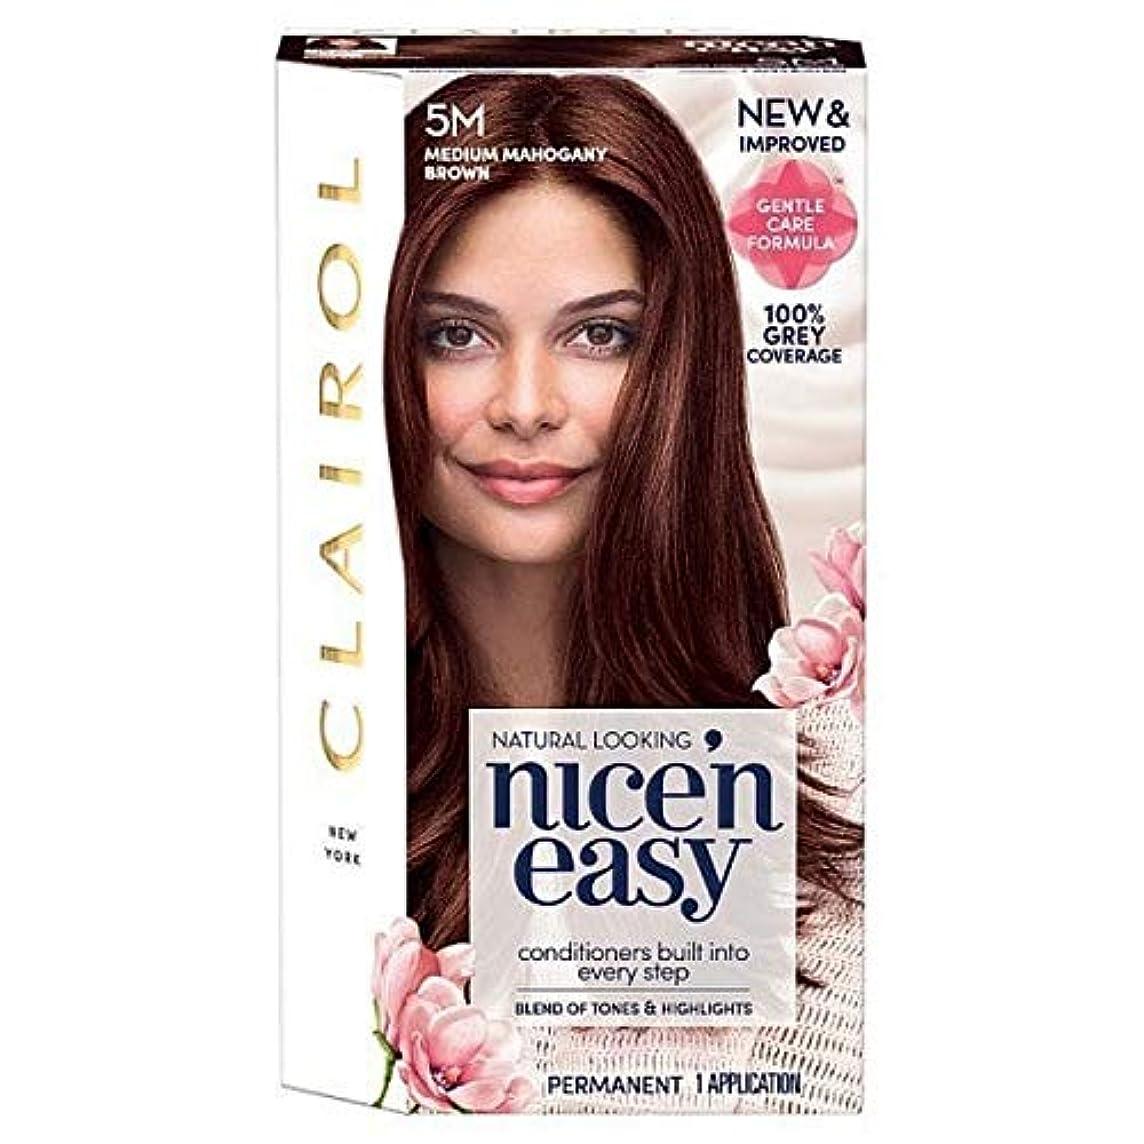 薄汚い軽食メタルライン[Nice'n Easy] 簡単に5メートルメディアマホガニーブラウンNice'N - Nice'n Easy 5M Medium Mahogany Brown [並行輸入品]